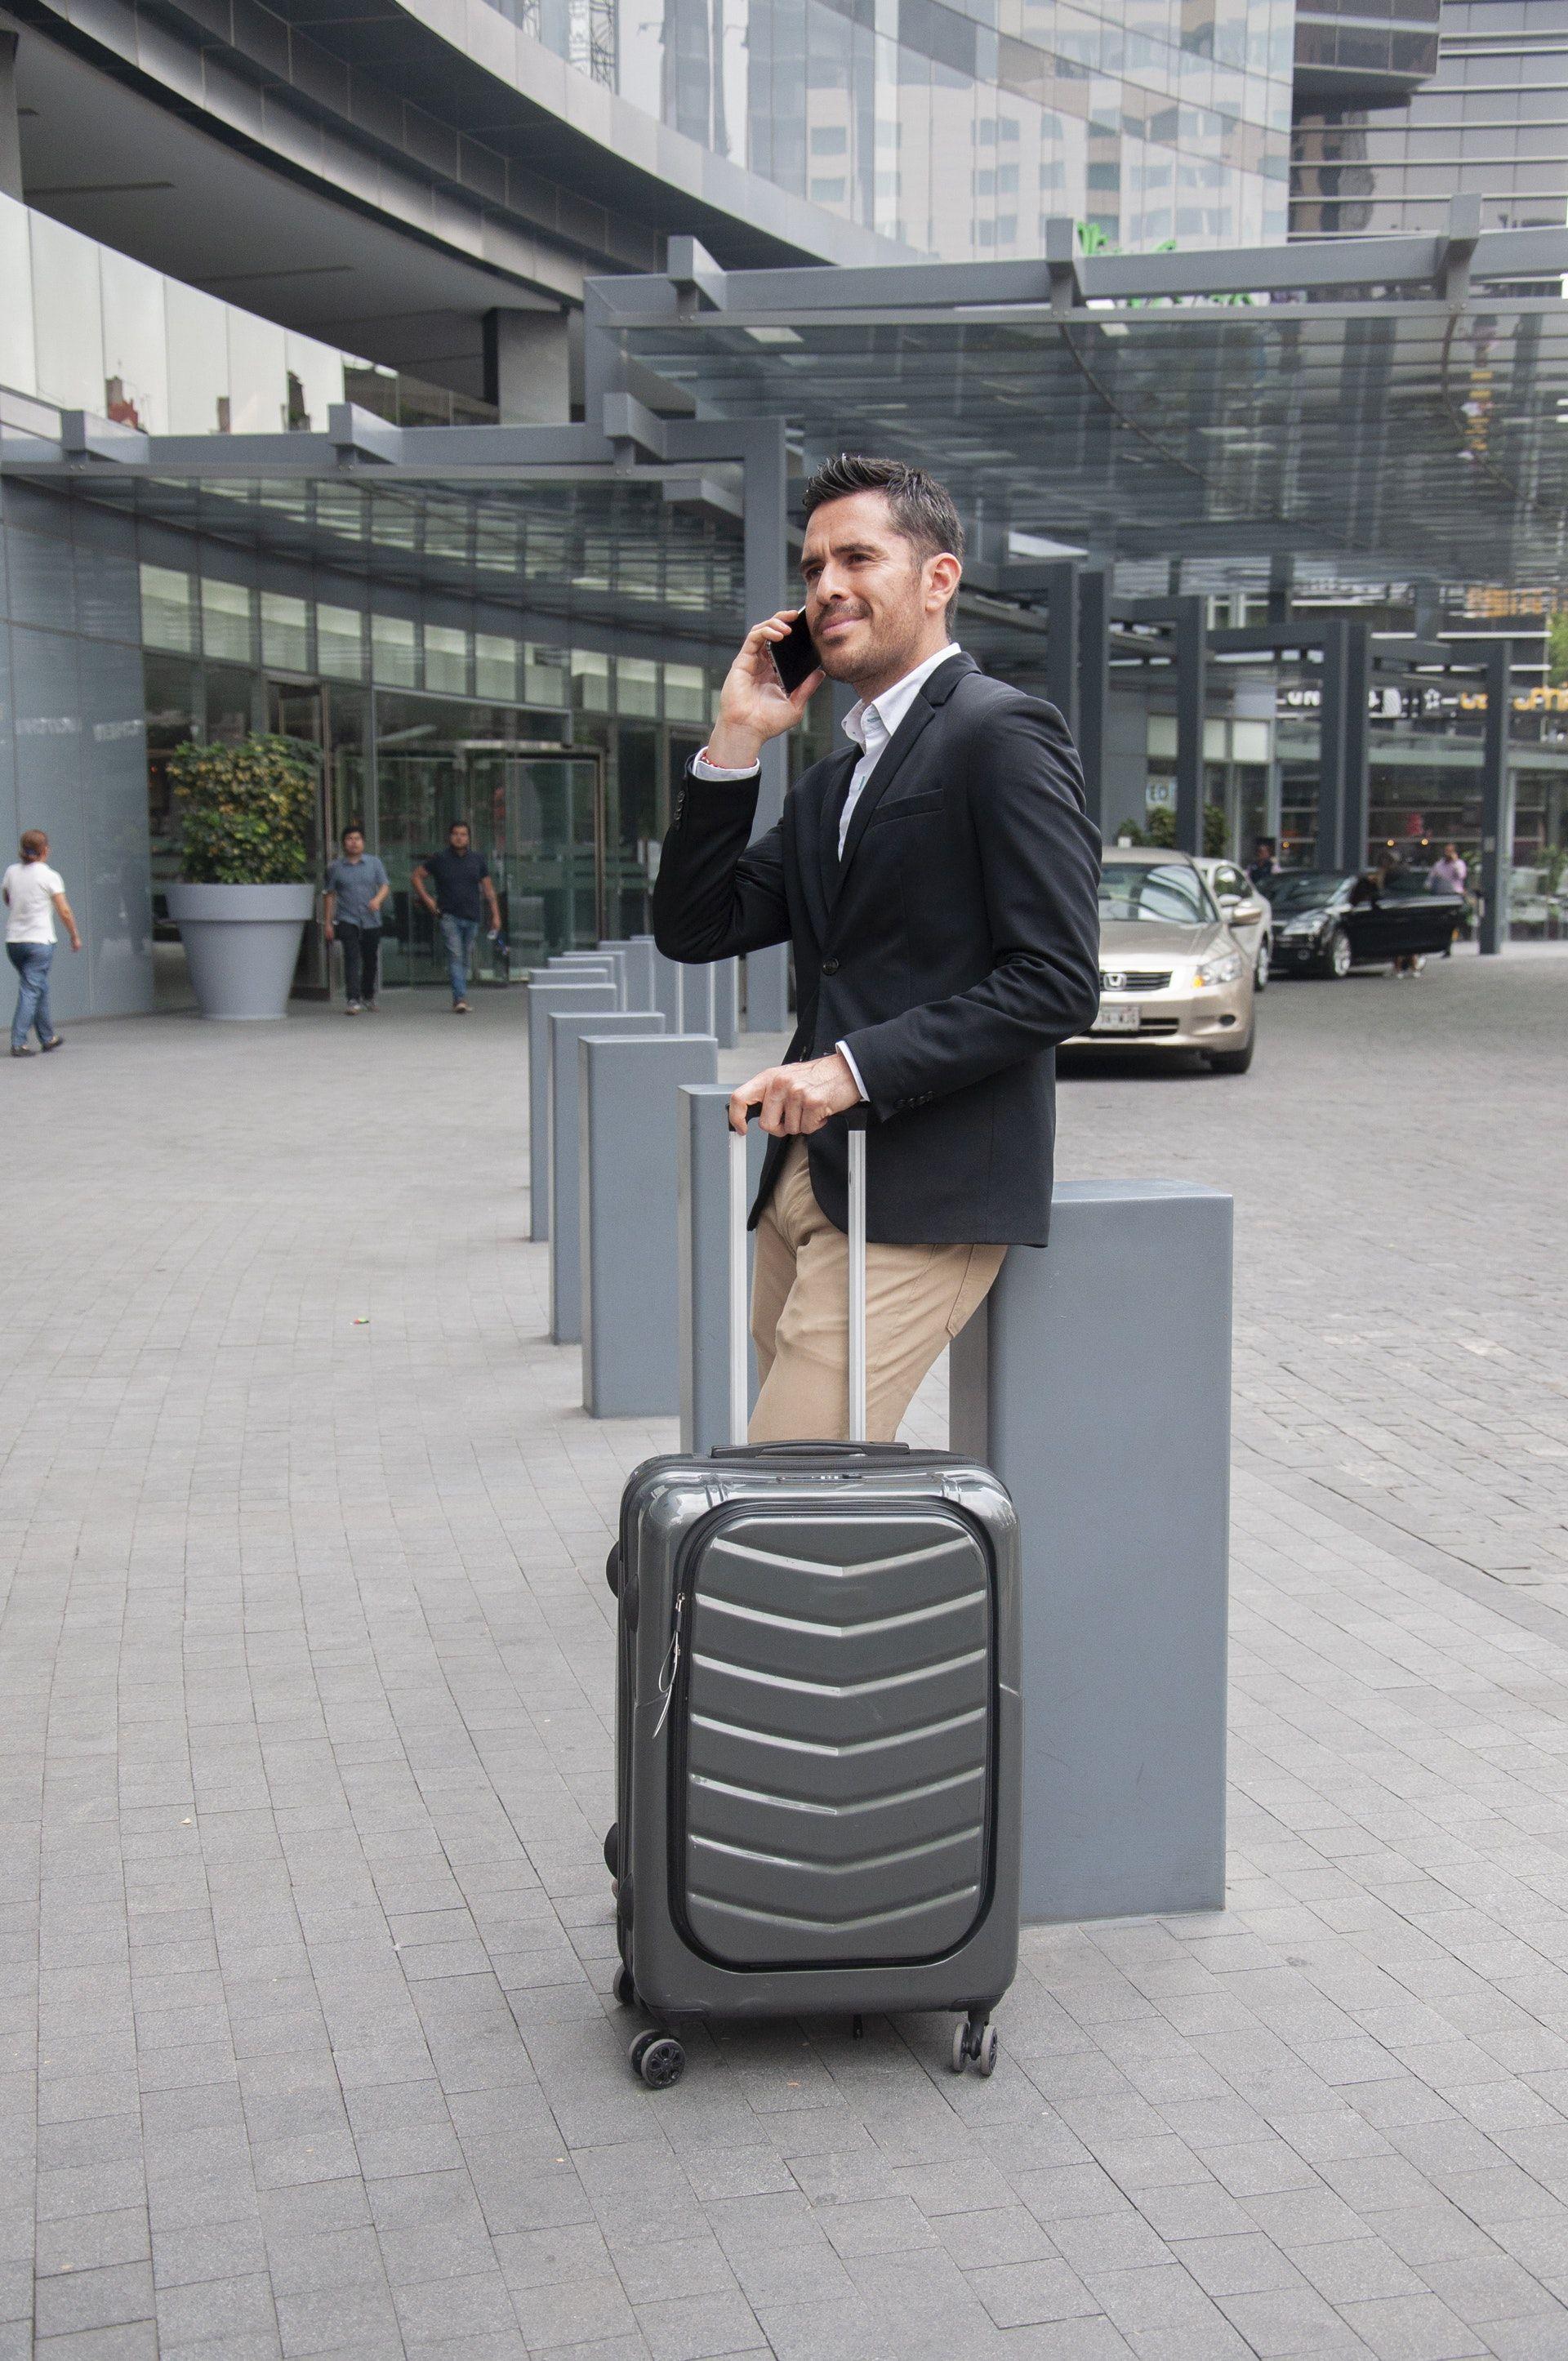 عکس زمینه چمدان و مسافر پس زمینه